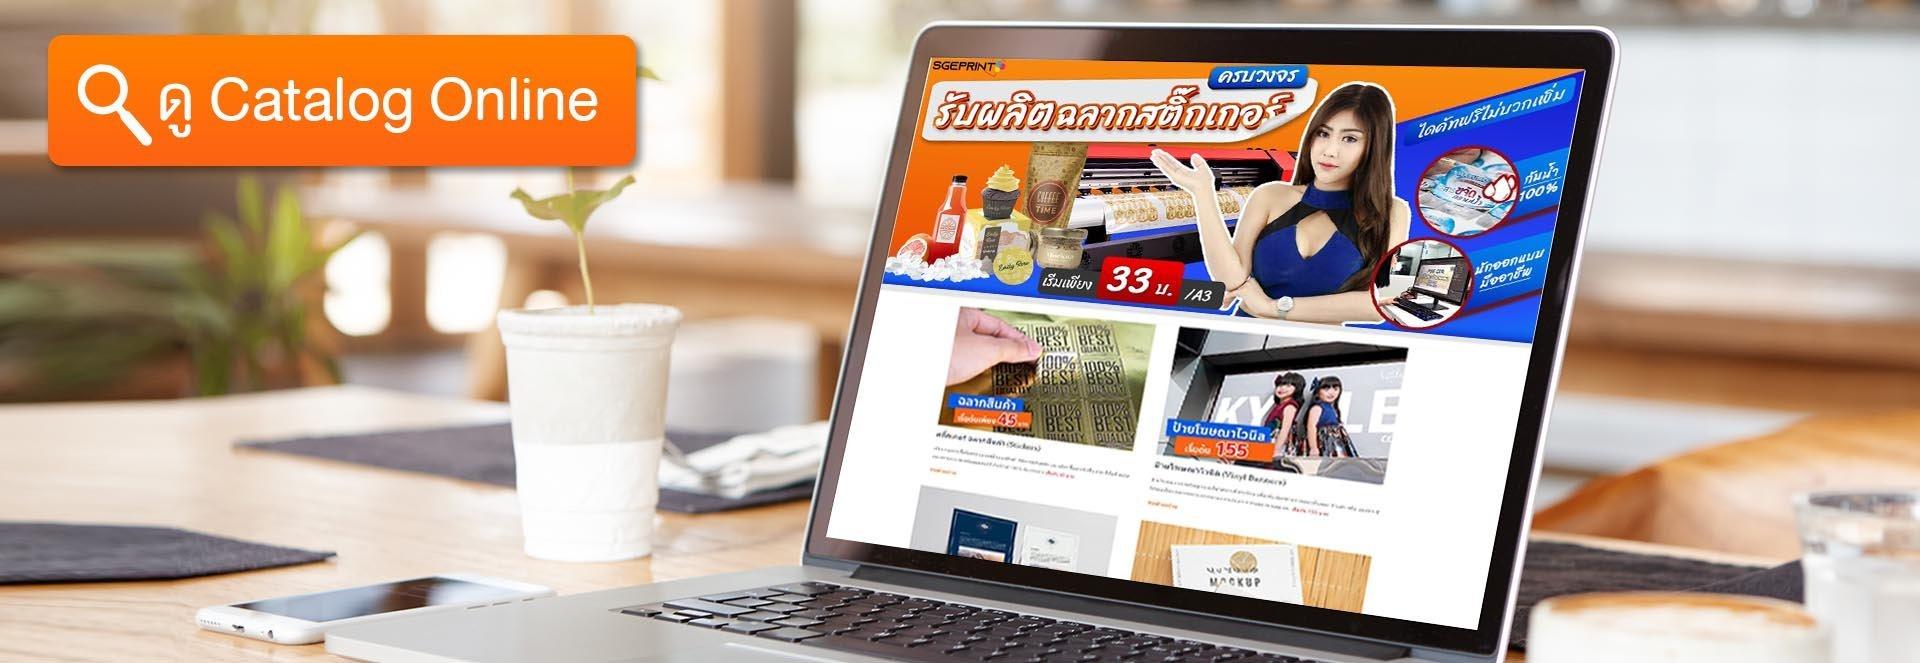 homepage-ดูผลงานเพิ่มเติม3